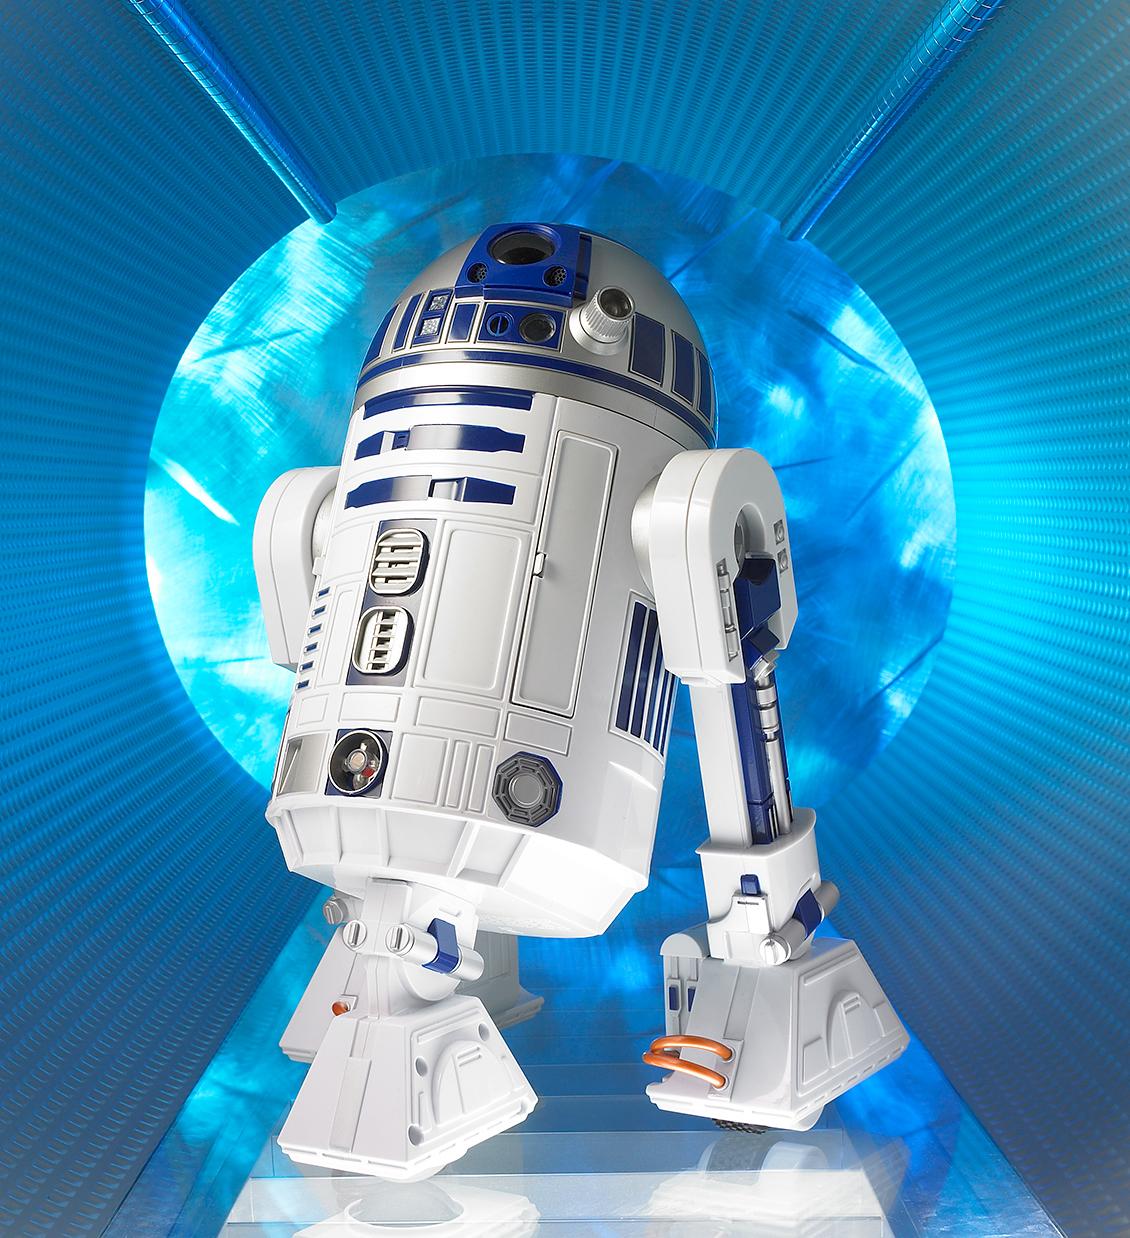 R2D2 Star Wars art diretor for product advertising